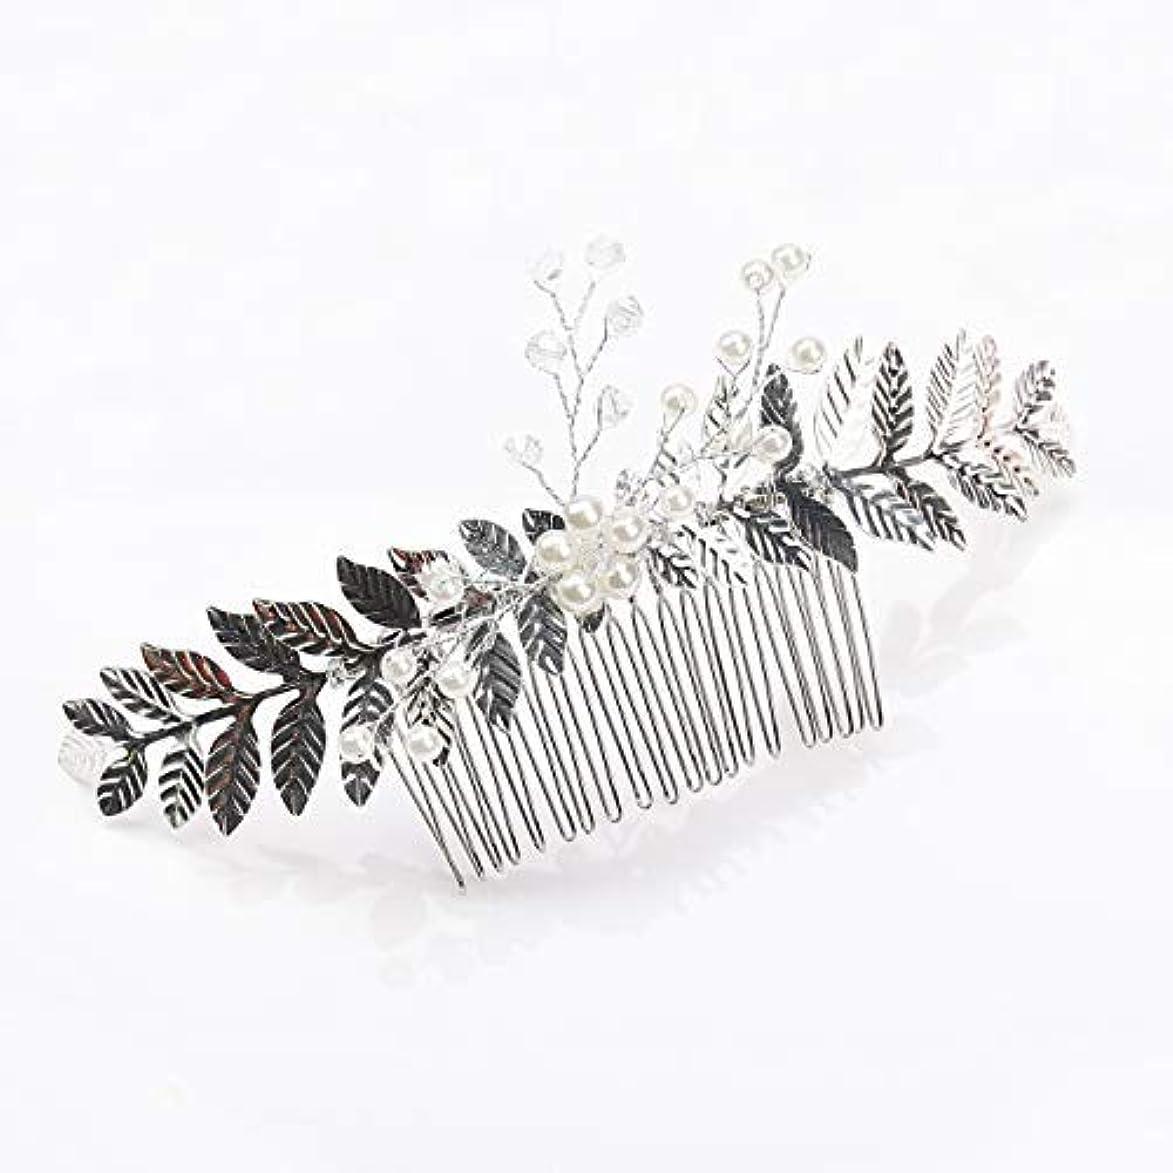 発症予見する義務Kercisbeauty Rustic Wedding Oliver Branch Pearl Flower and Crystal Hair Comb for Bride Bridesmaid Prom Headpiece...